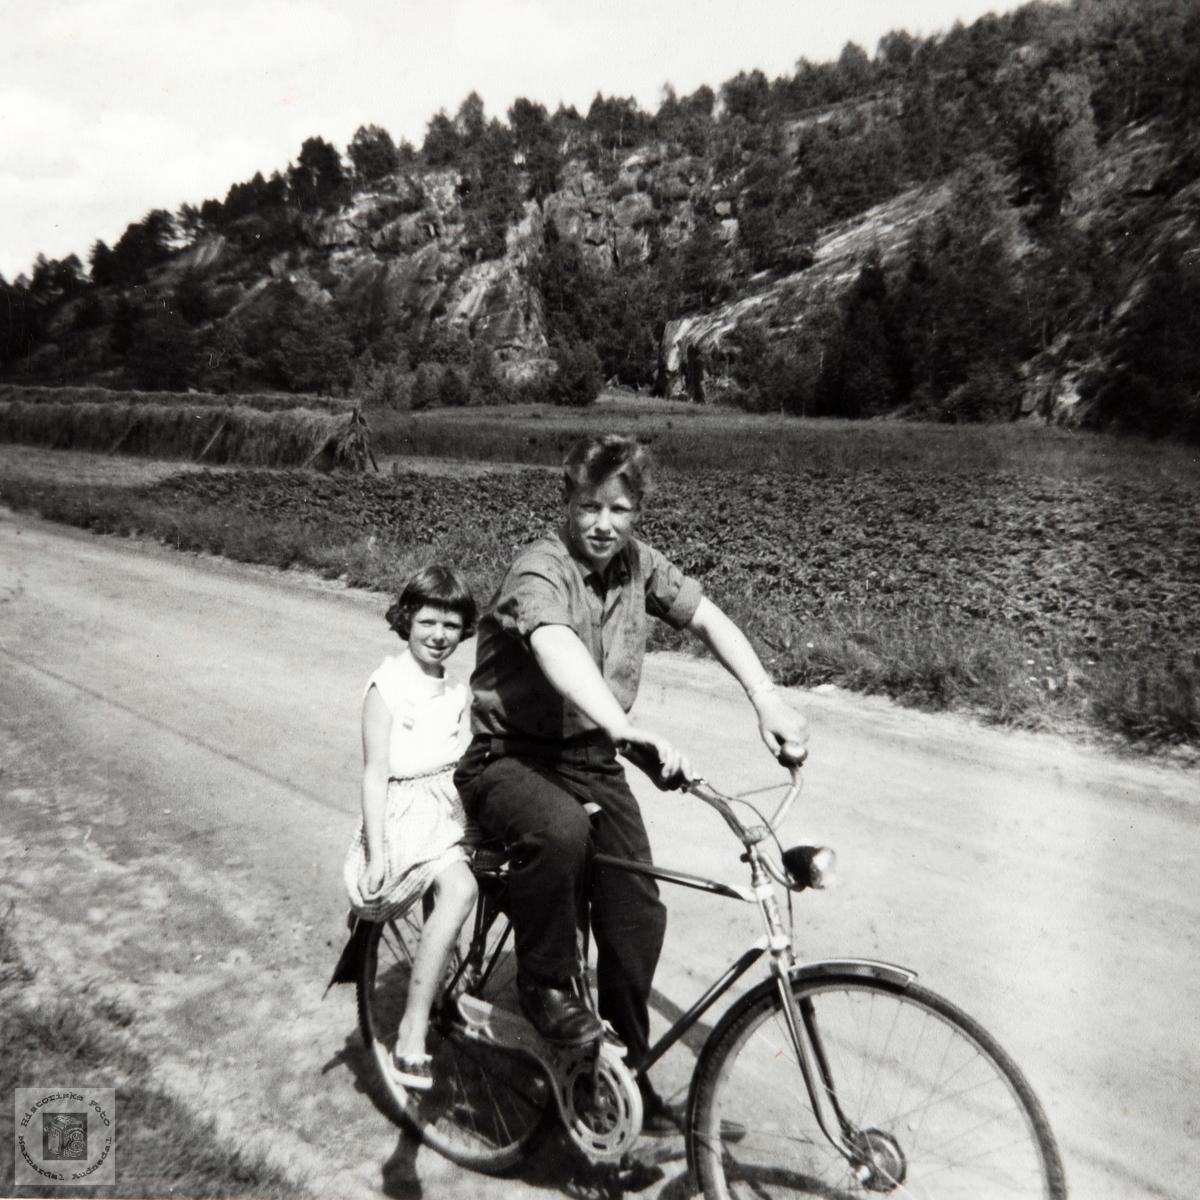 Johan og Anne Keth Helle på sykkeltur. Audnedal.